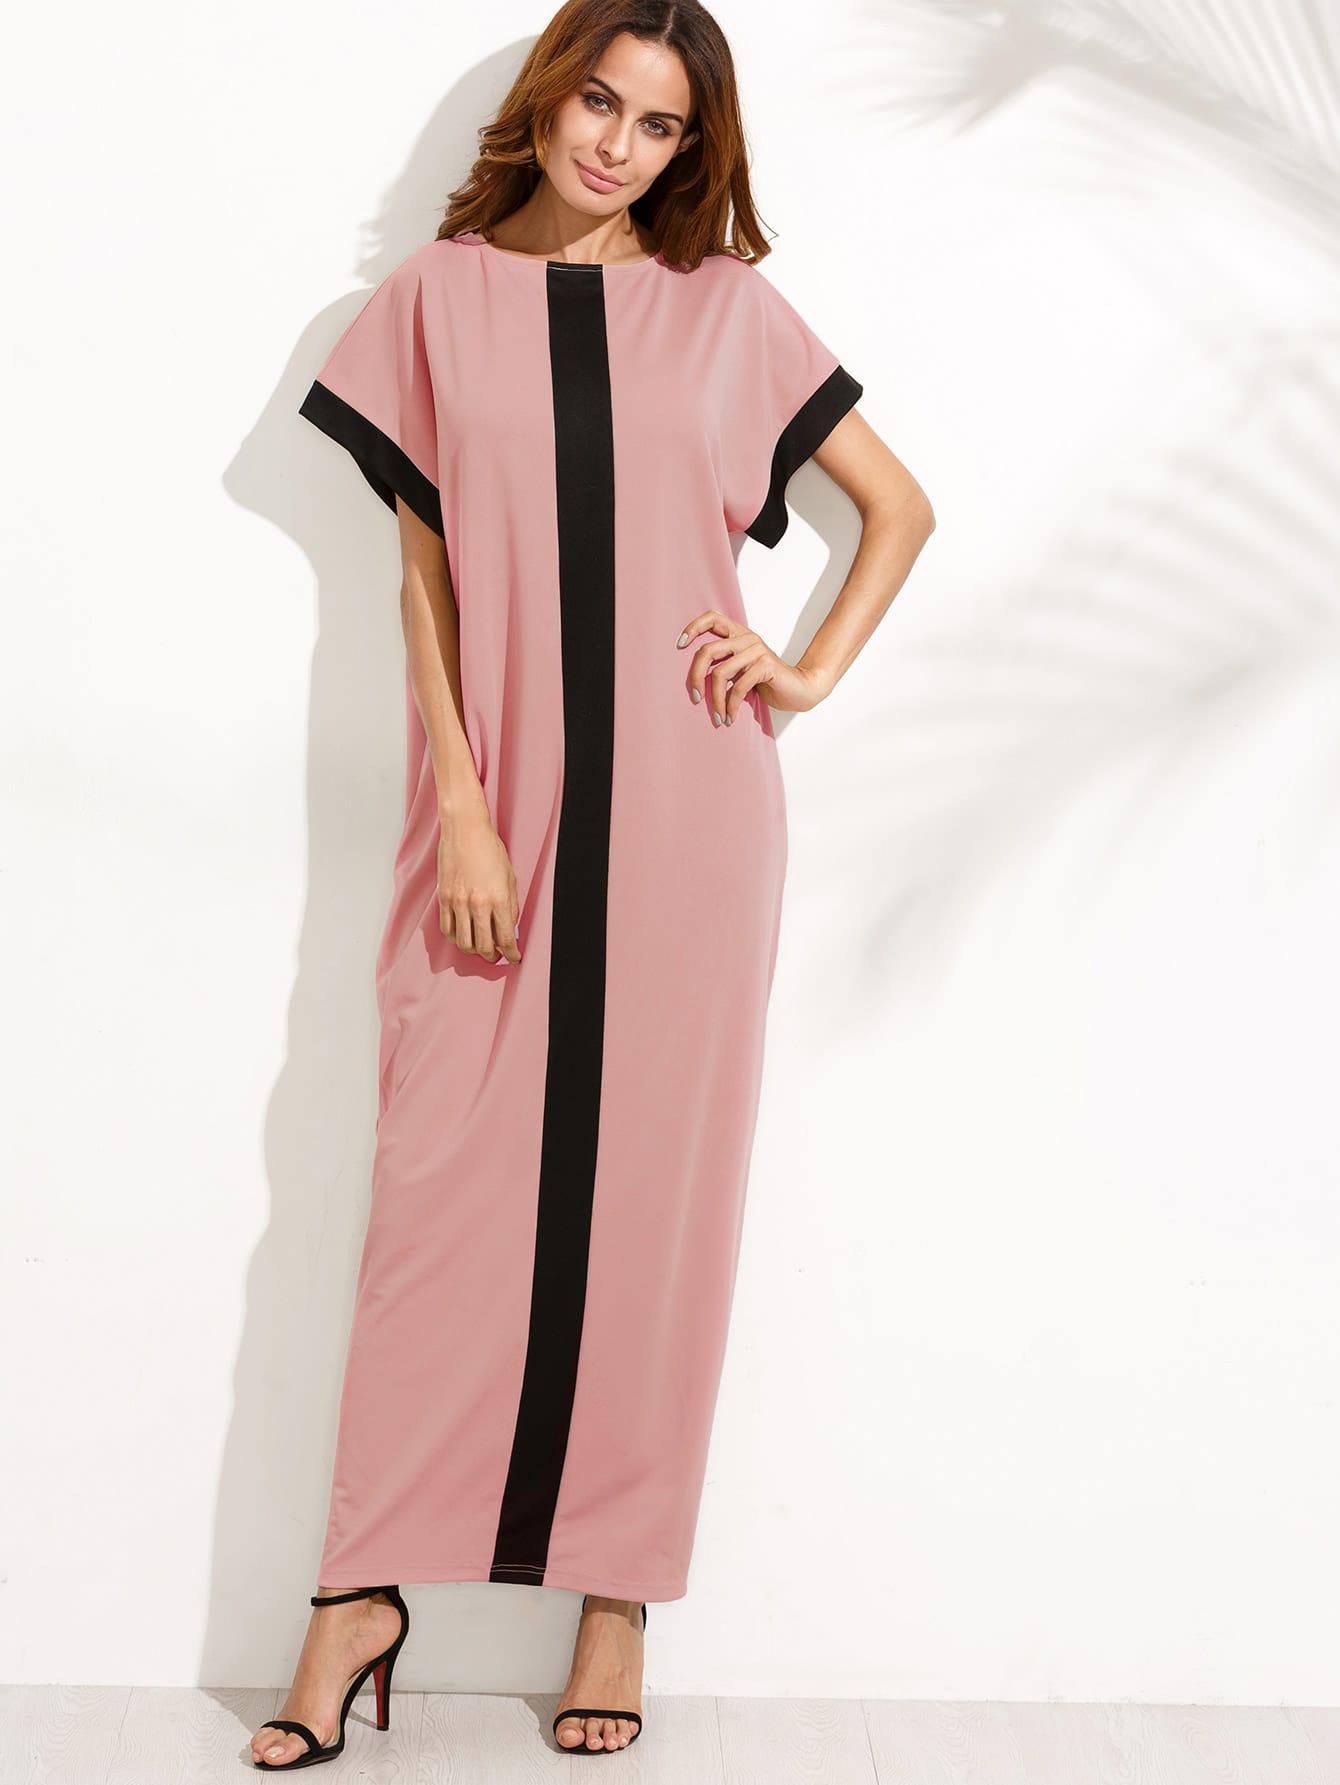 dress170316701_2